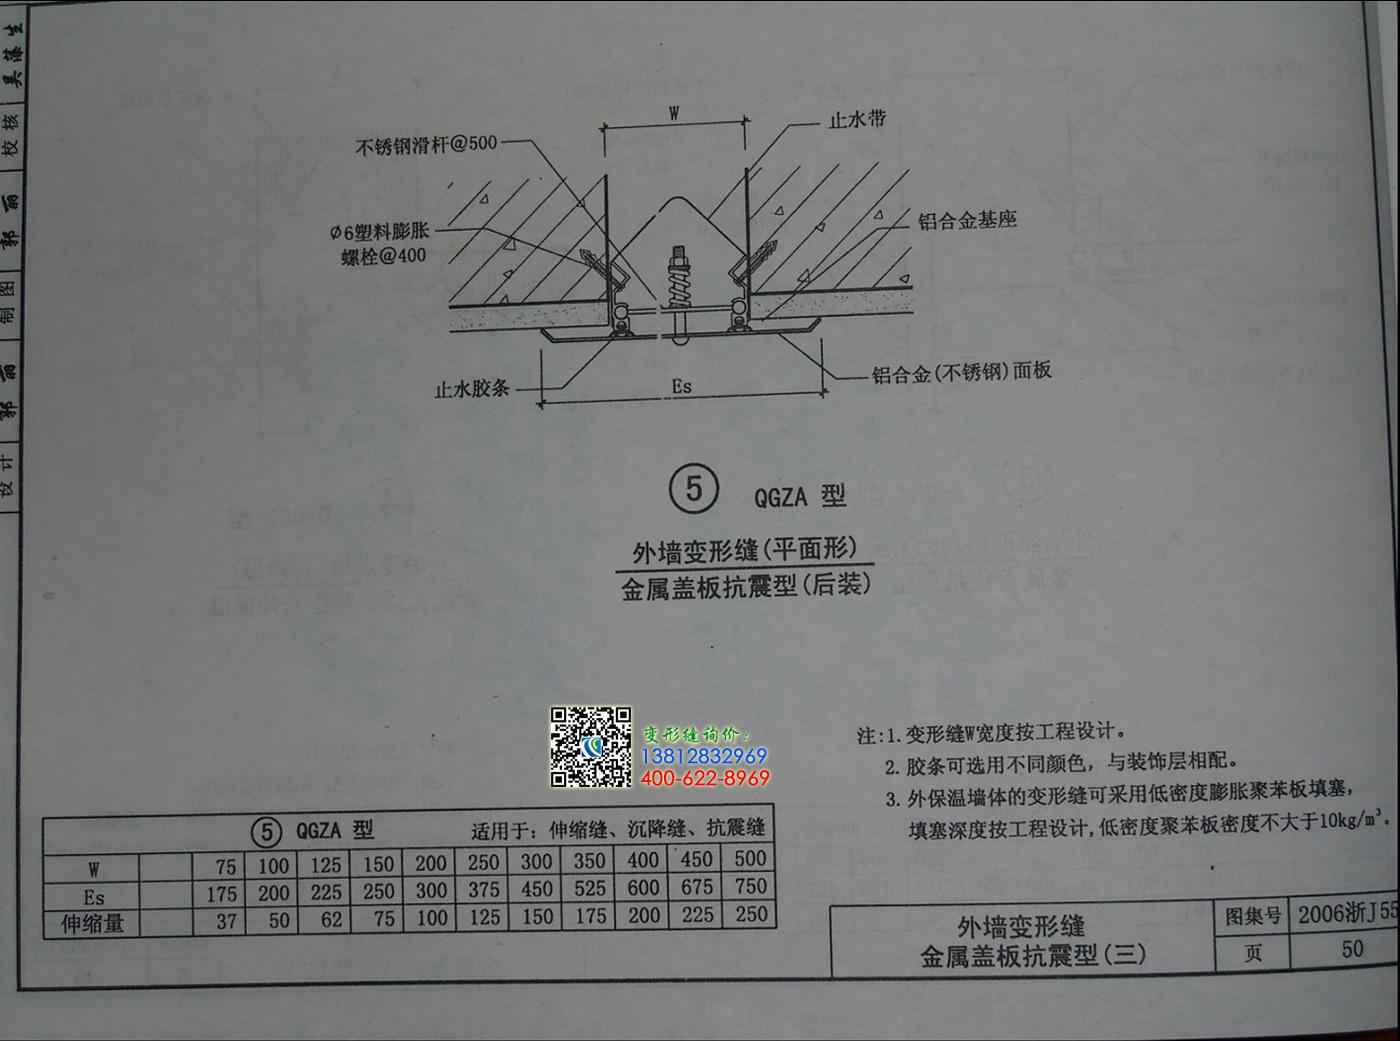 2006浙j55外墙变形缝金属盖板抗震型